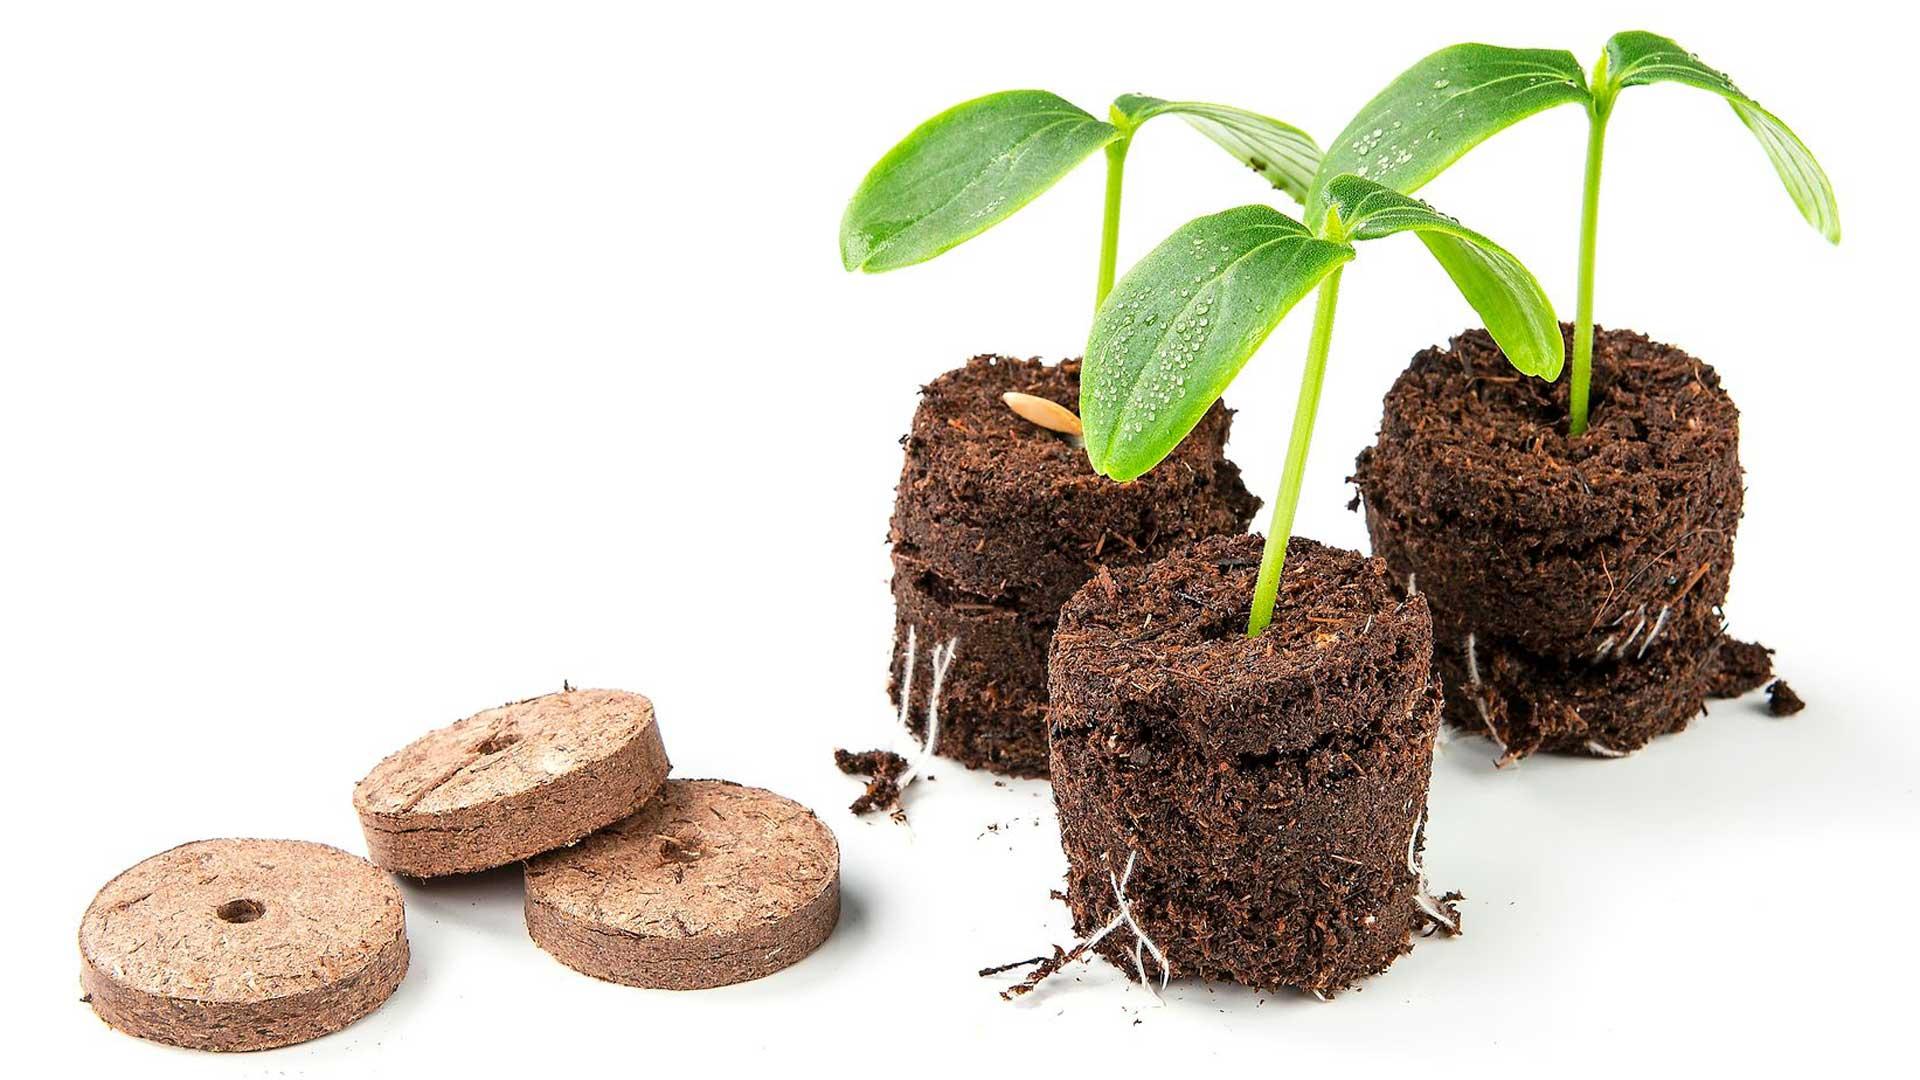 Sammalnappi on tiiviiksi puristettua kotimaista rahkasammalta. Kun sen kastelee, se turpoaa hetkessä käyttövalmiiksi. Käy esimerkiksi yrttien, salaattien ja kukkien kasvualustaksi. 12 kpl noin 4 e, Biolan.